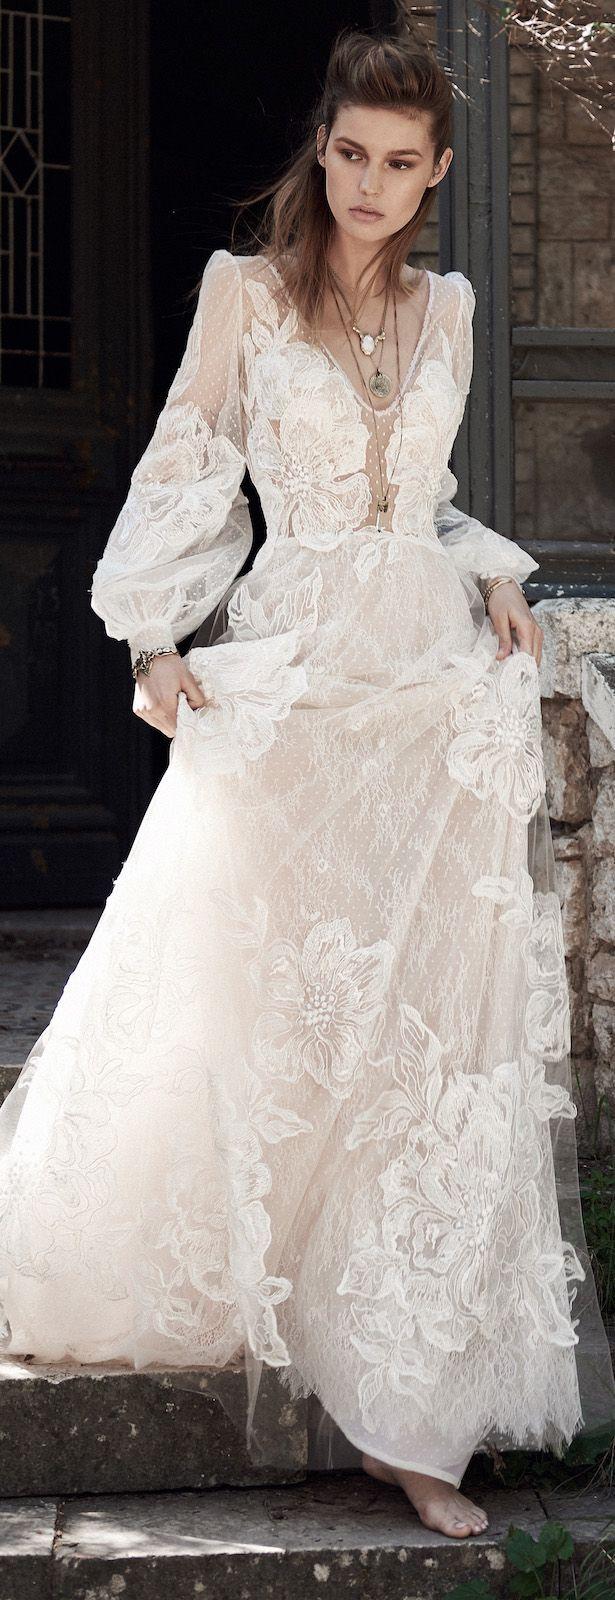 Costarellos wedding dress collection spring bridal collection